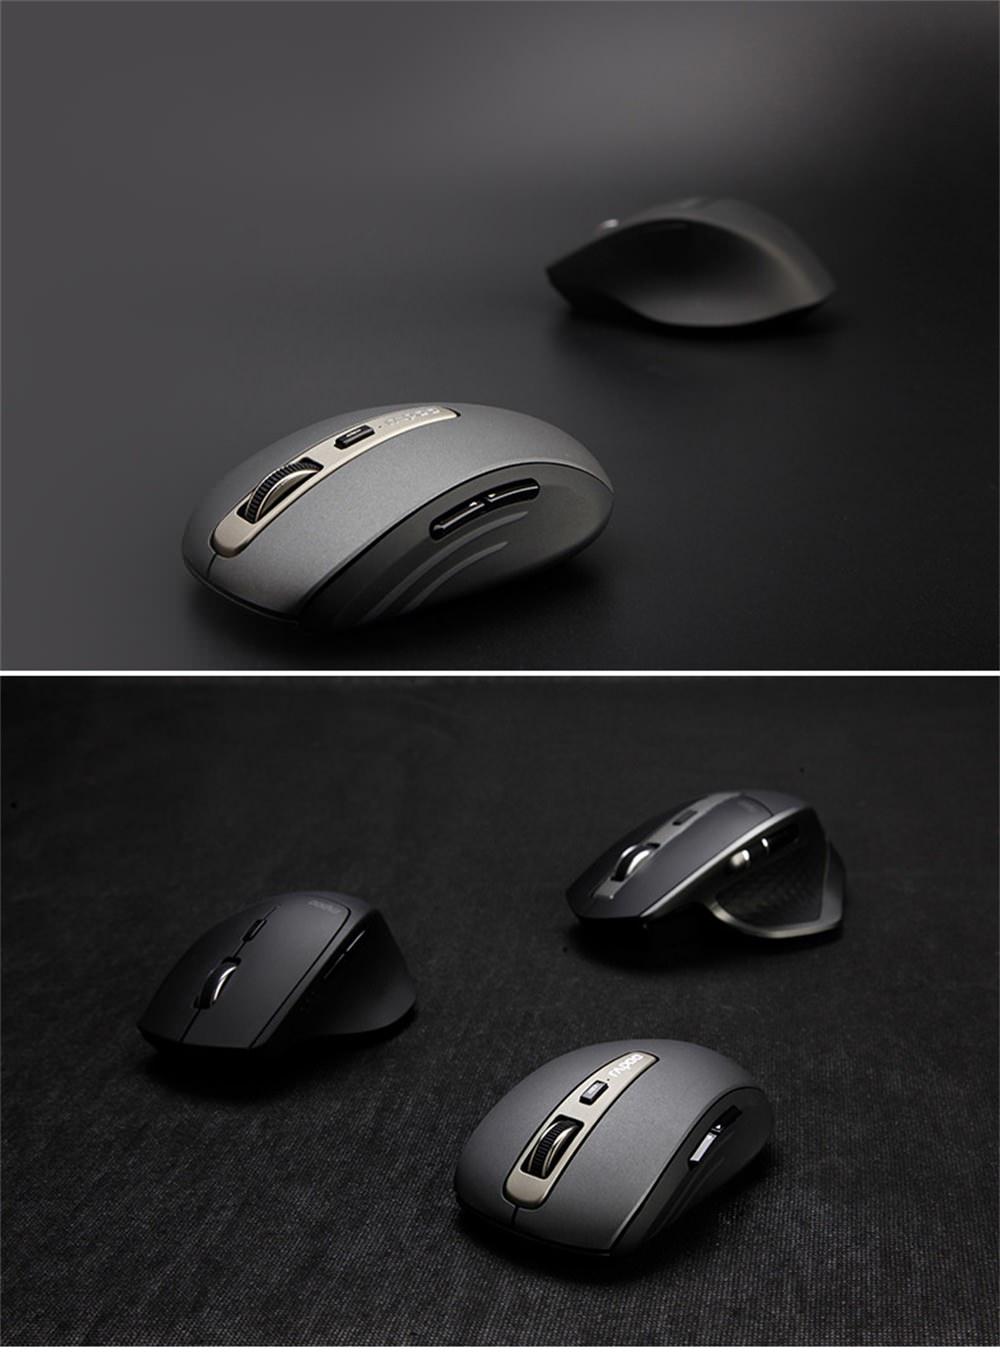 buy rapoo mt350 mouse online